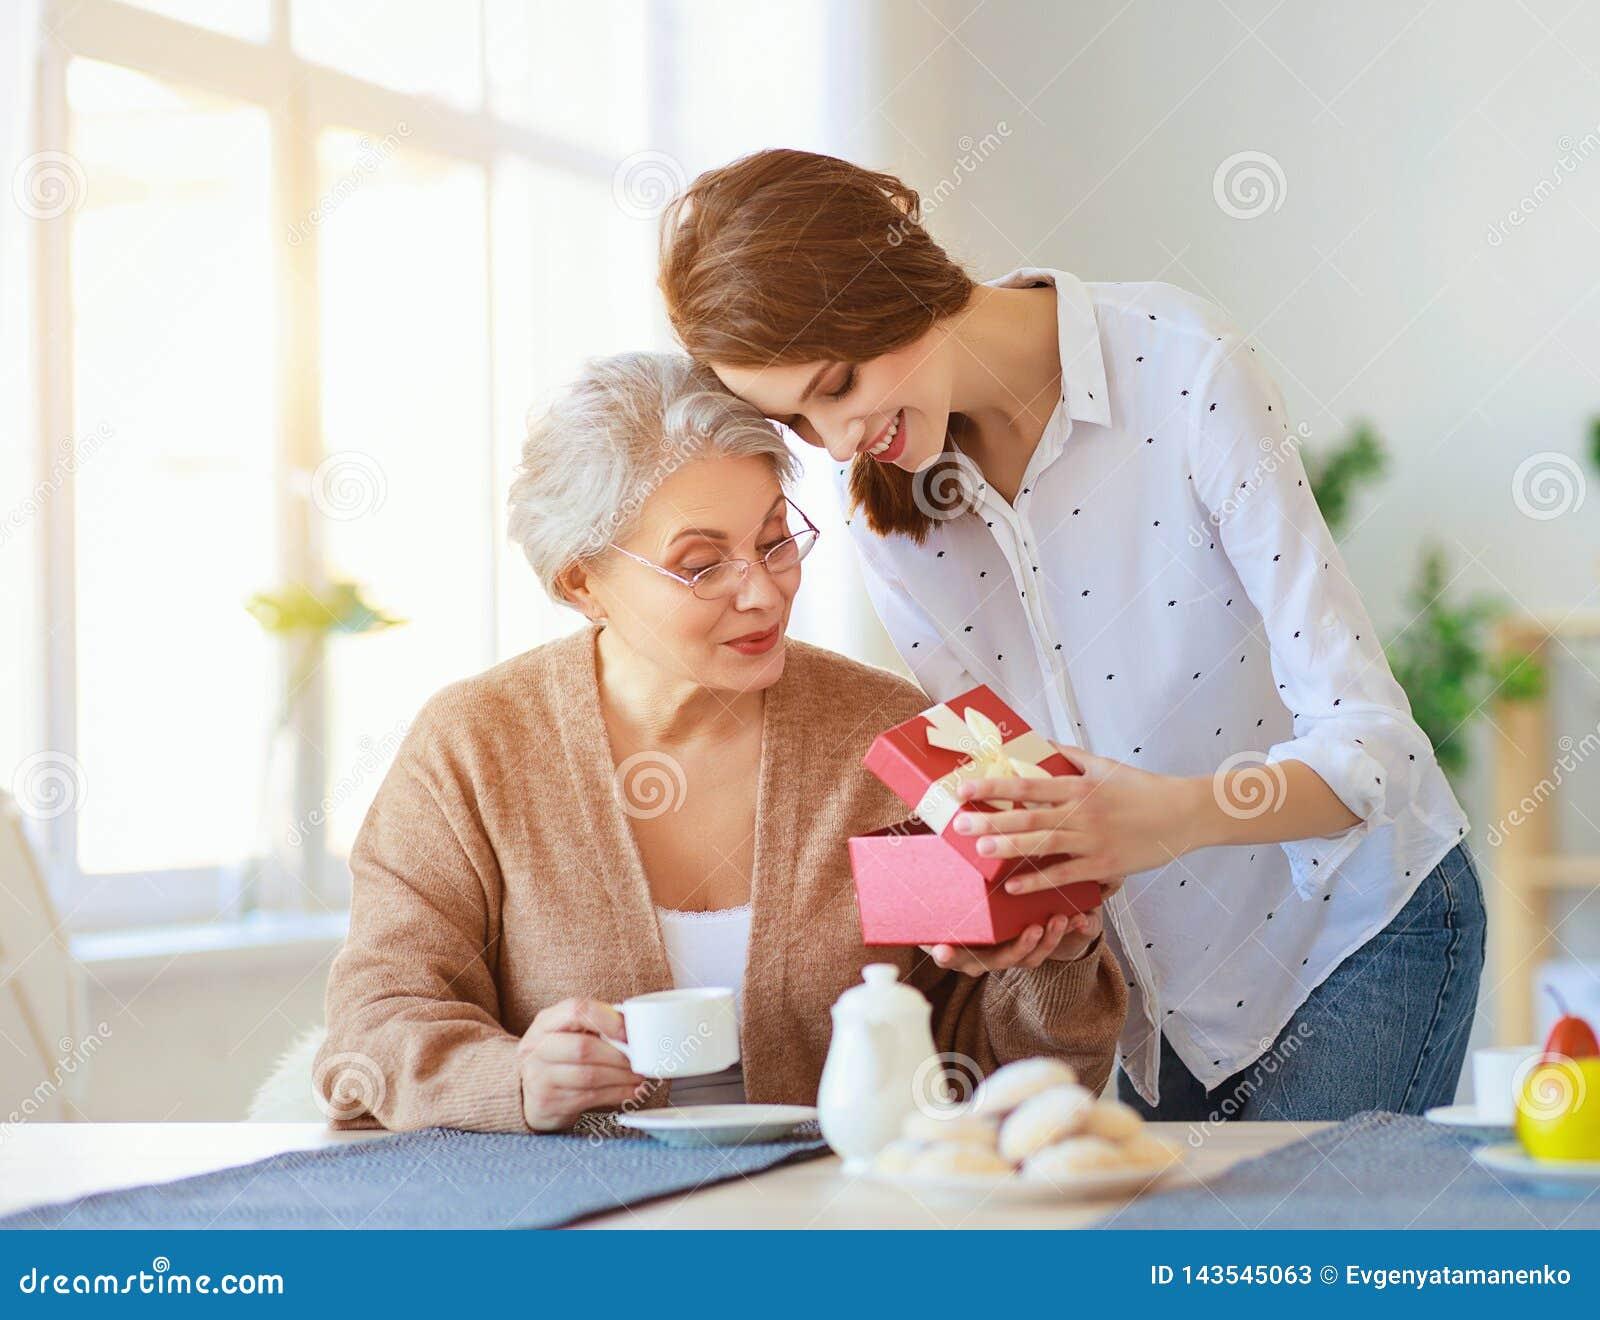 De dag van de gelukkige moeder! de volwassen dochter geeft gift en wenst een bejaarde moeder met vakantie geluk